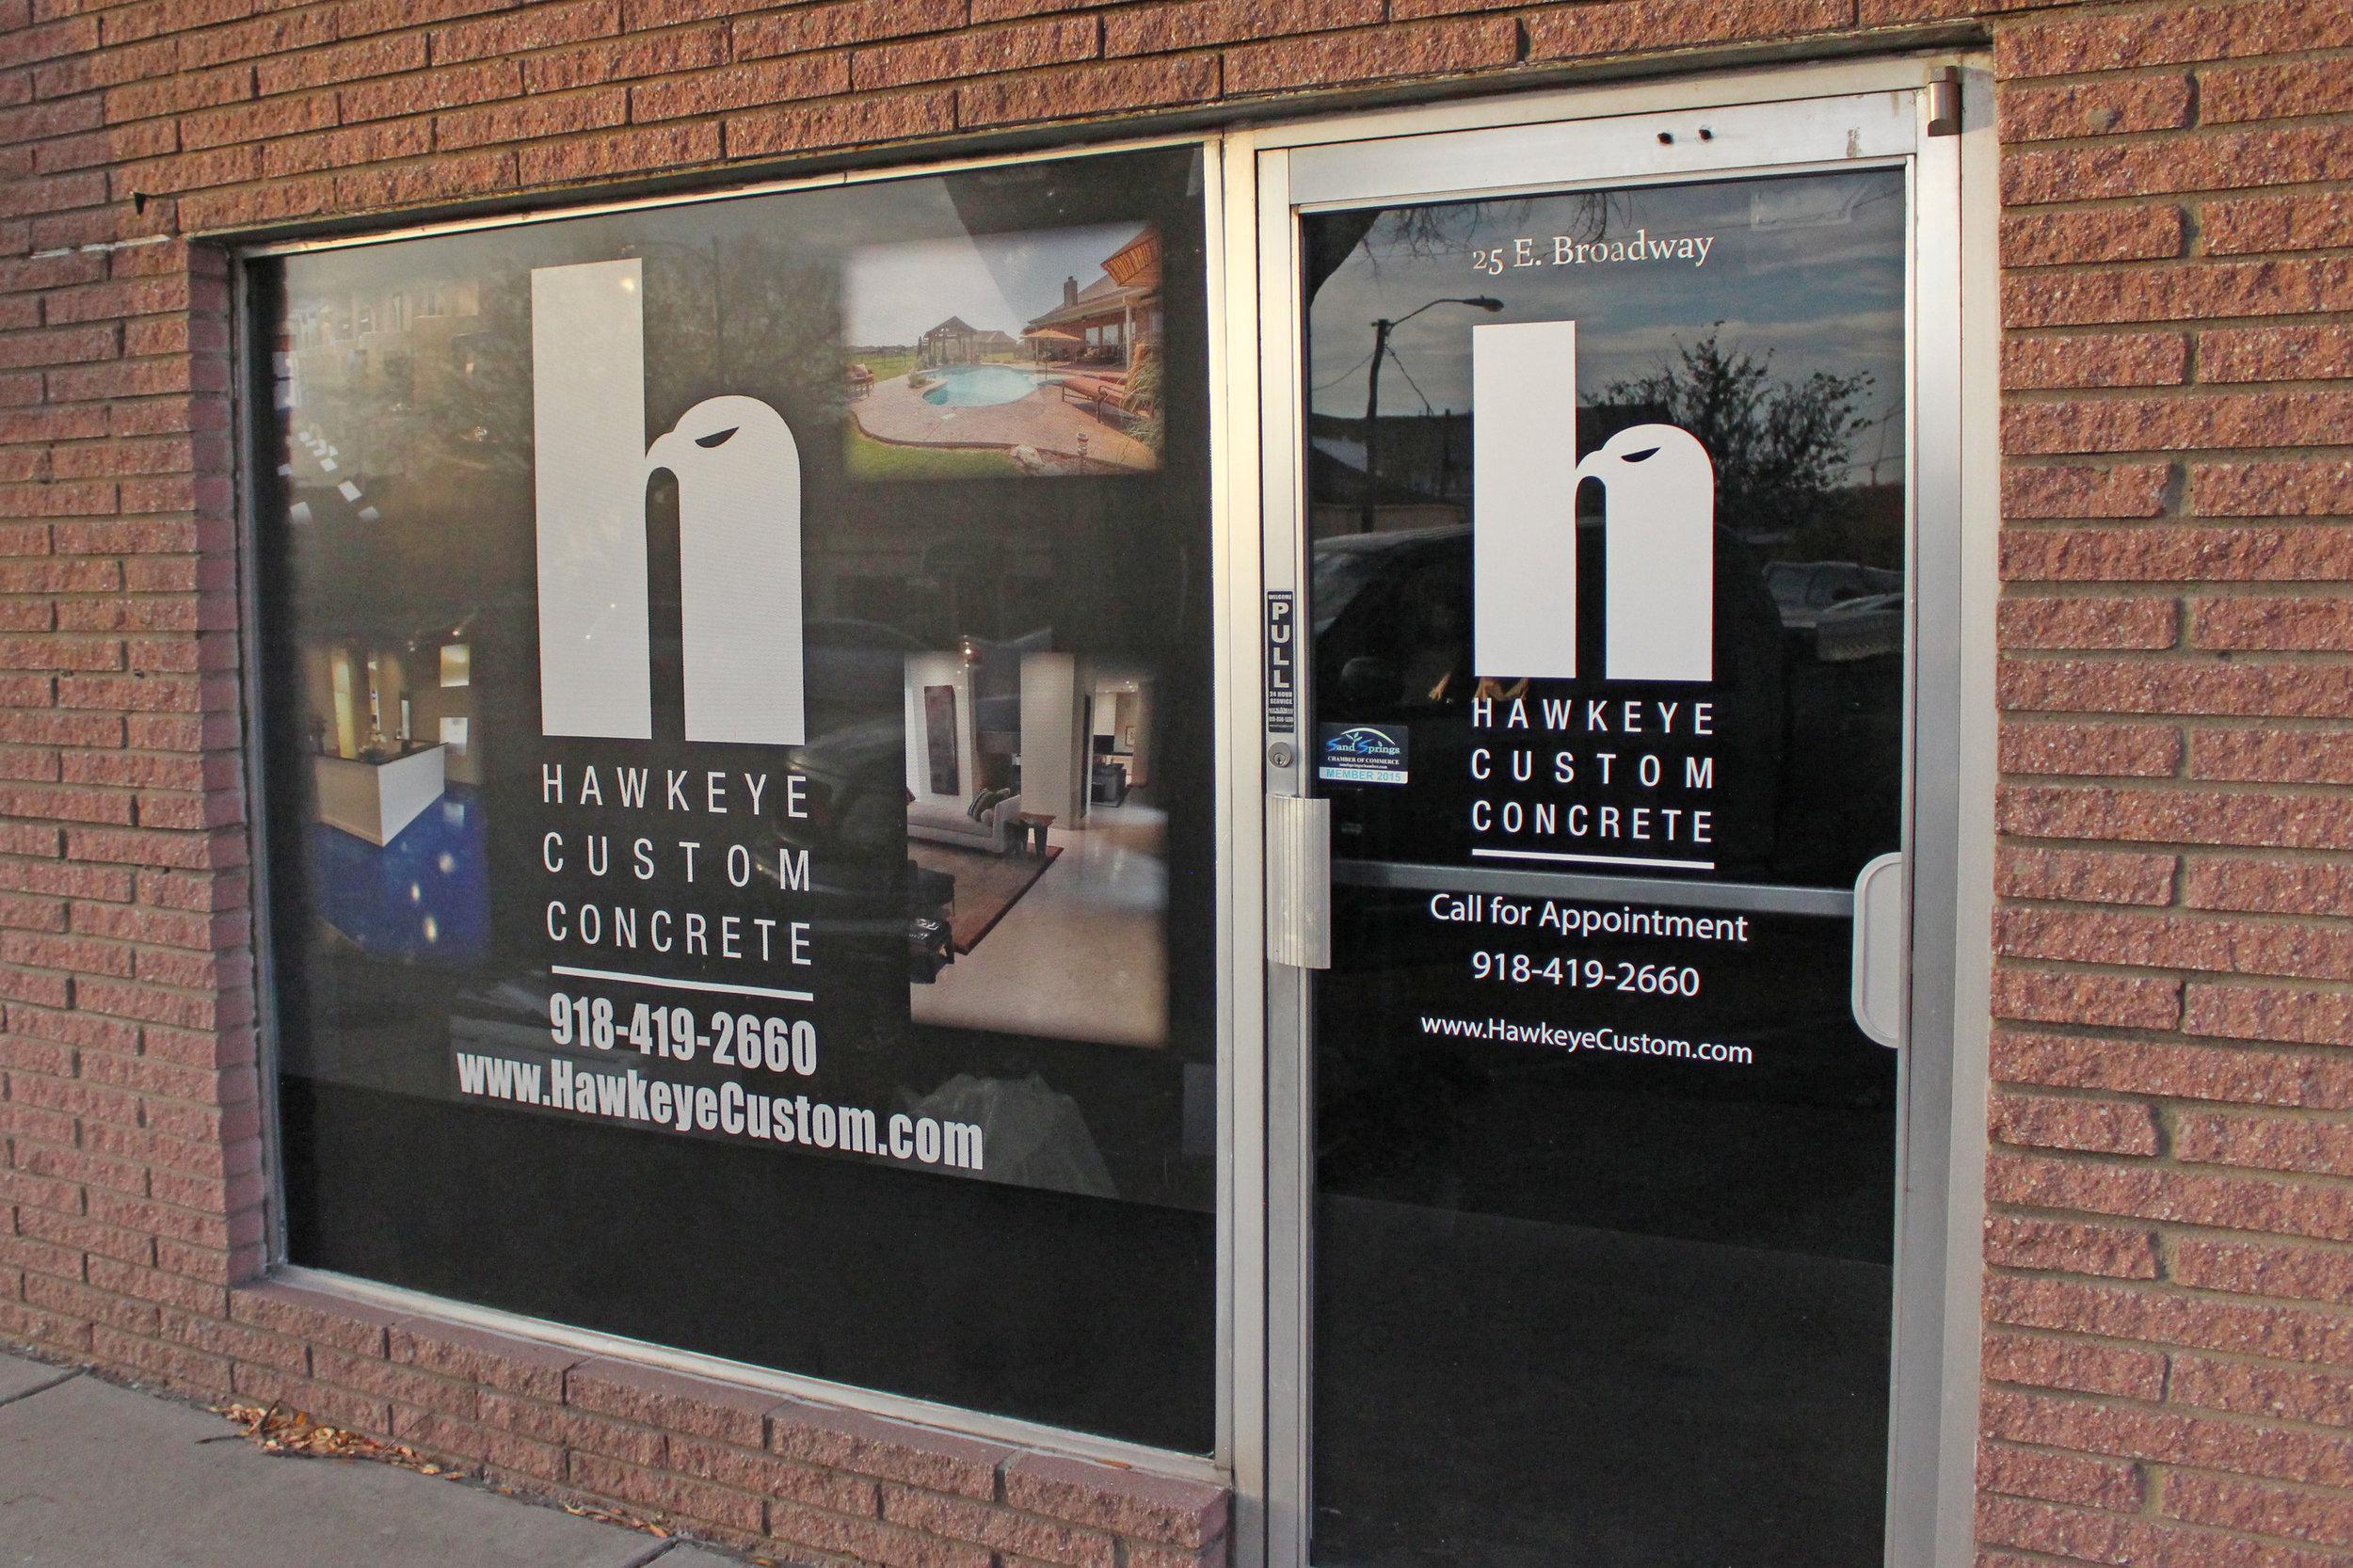 hawkeye custom concrete - downtown 1210 east pecan street, suite b